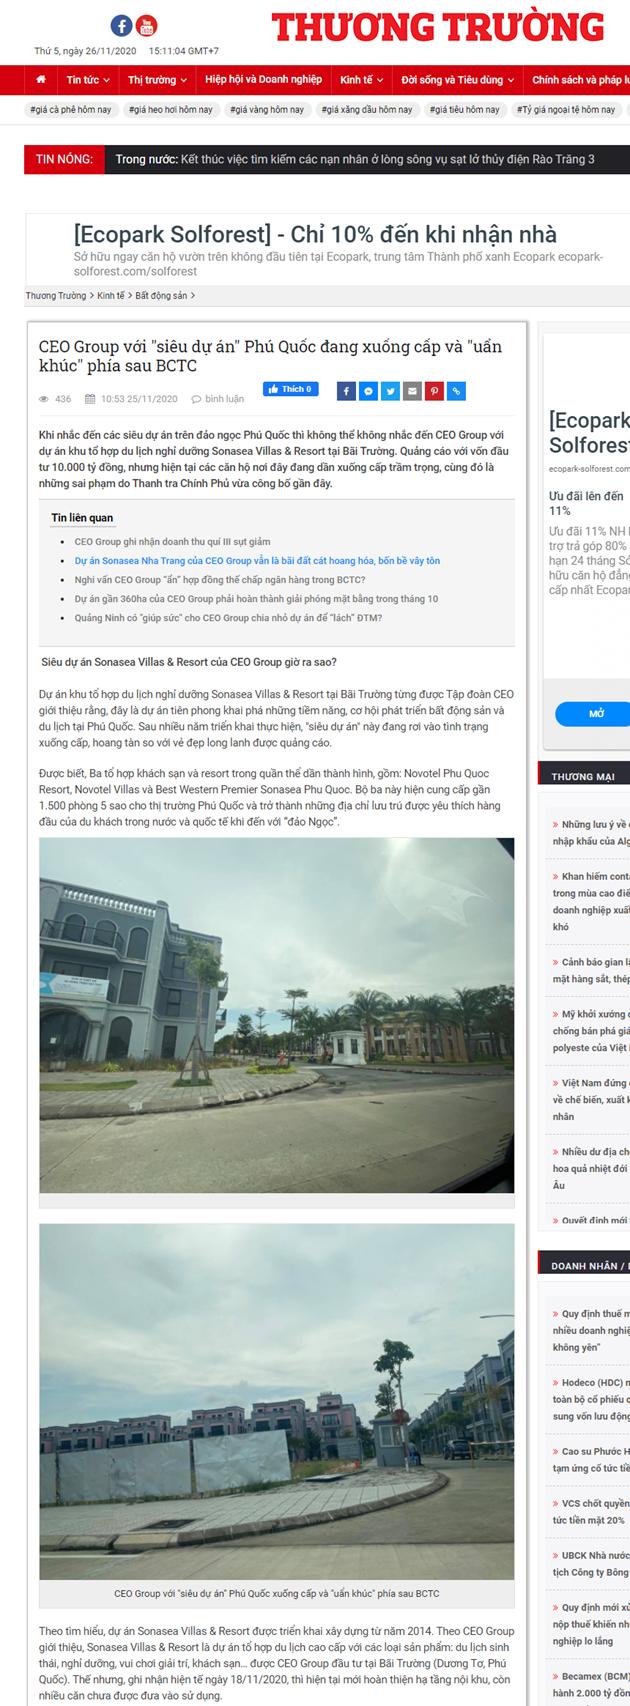 """Nghi vấn CEO Group lập công ty con """"ảo"""" để thu hút nhà đầu tư  và dấu hỏi về siêu dự án Phú Quốc - Ảnh 1"""